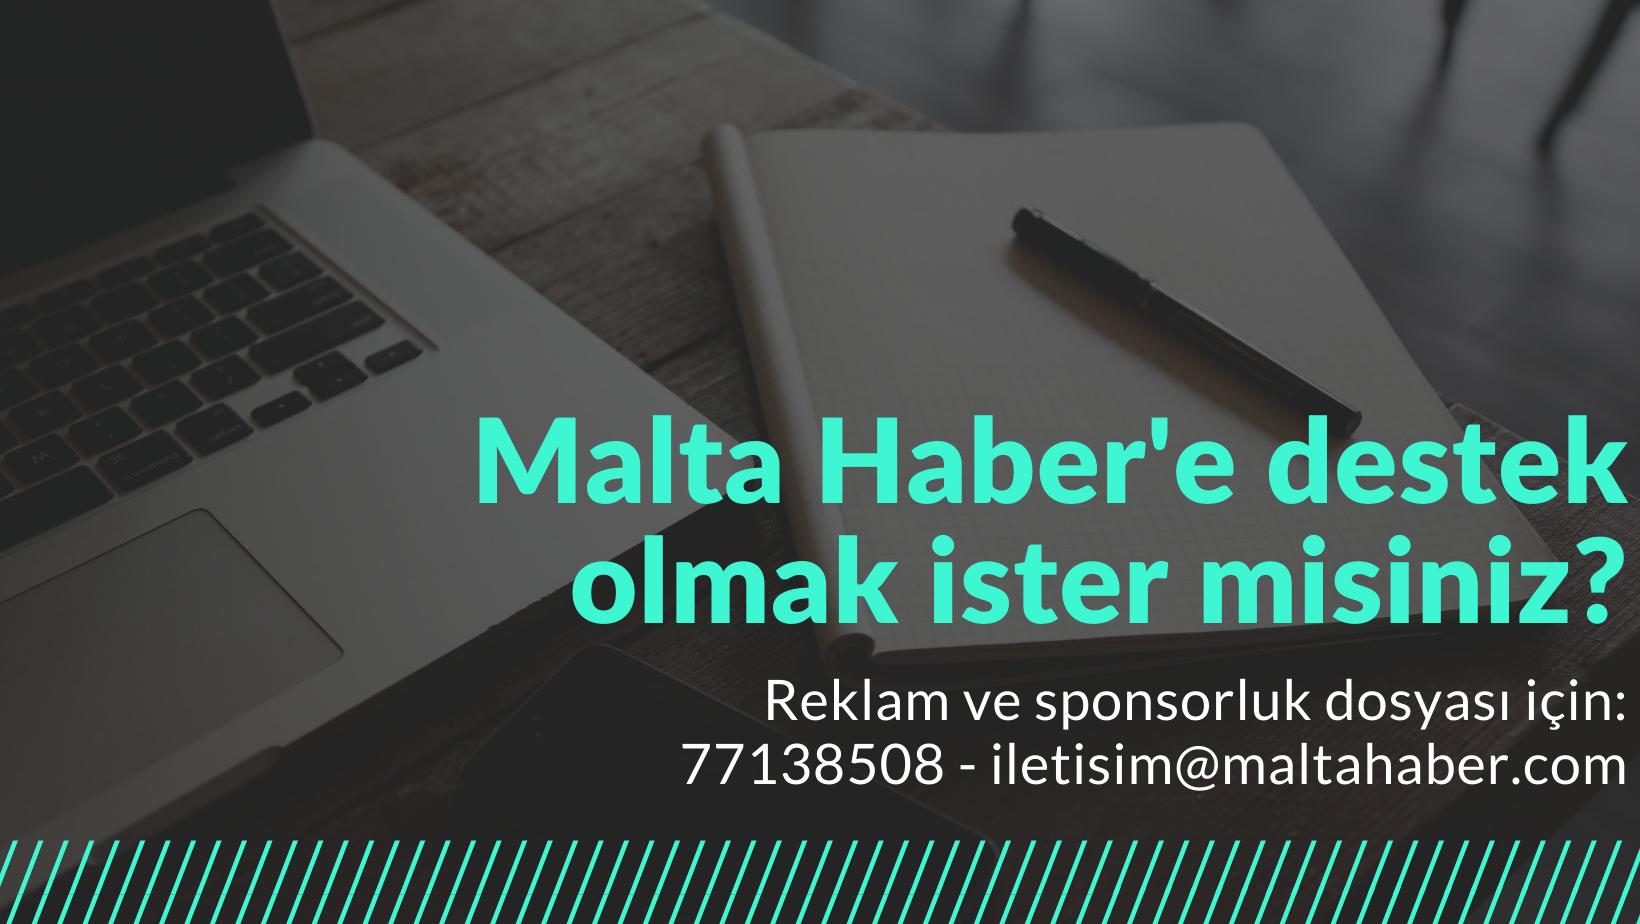 Malta Haber'e destek olmak ister misiniz?